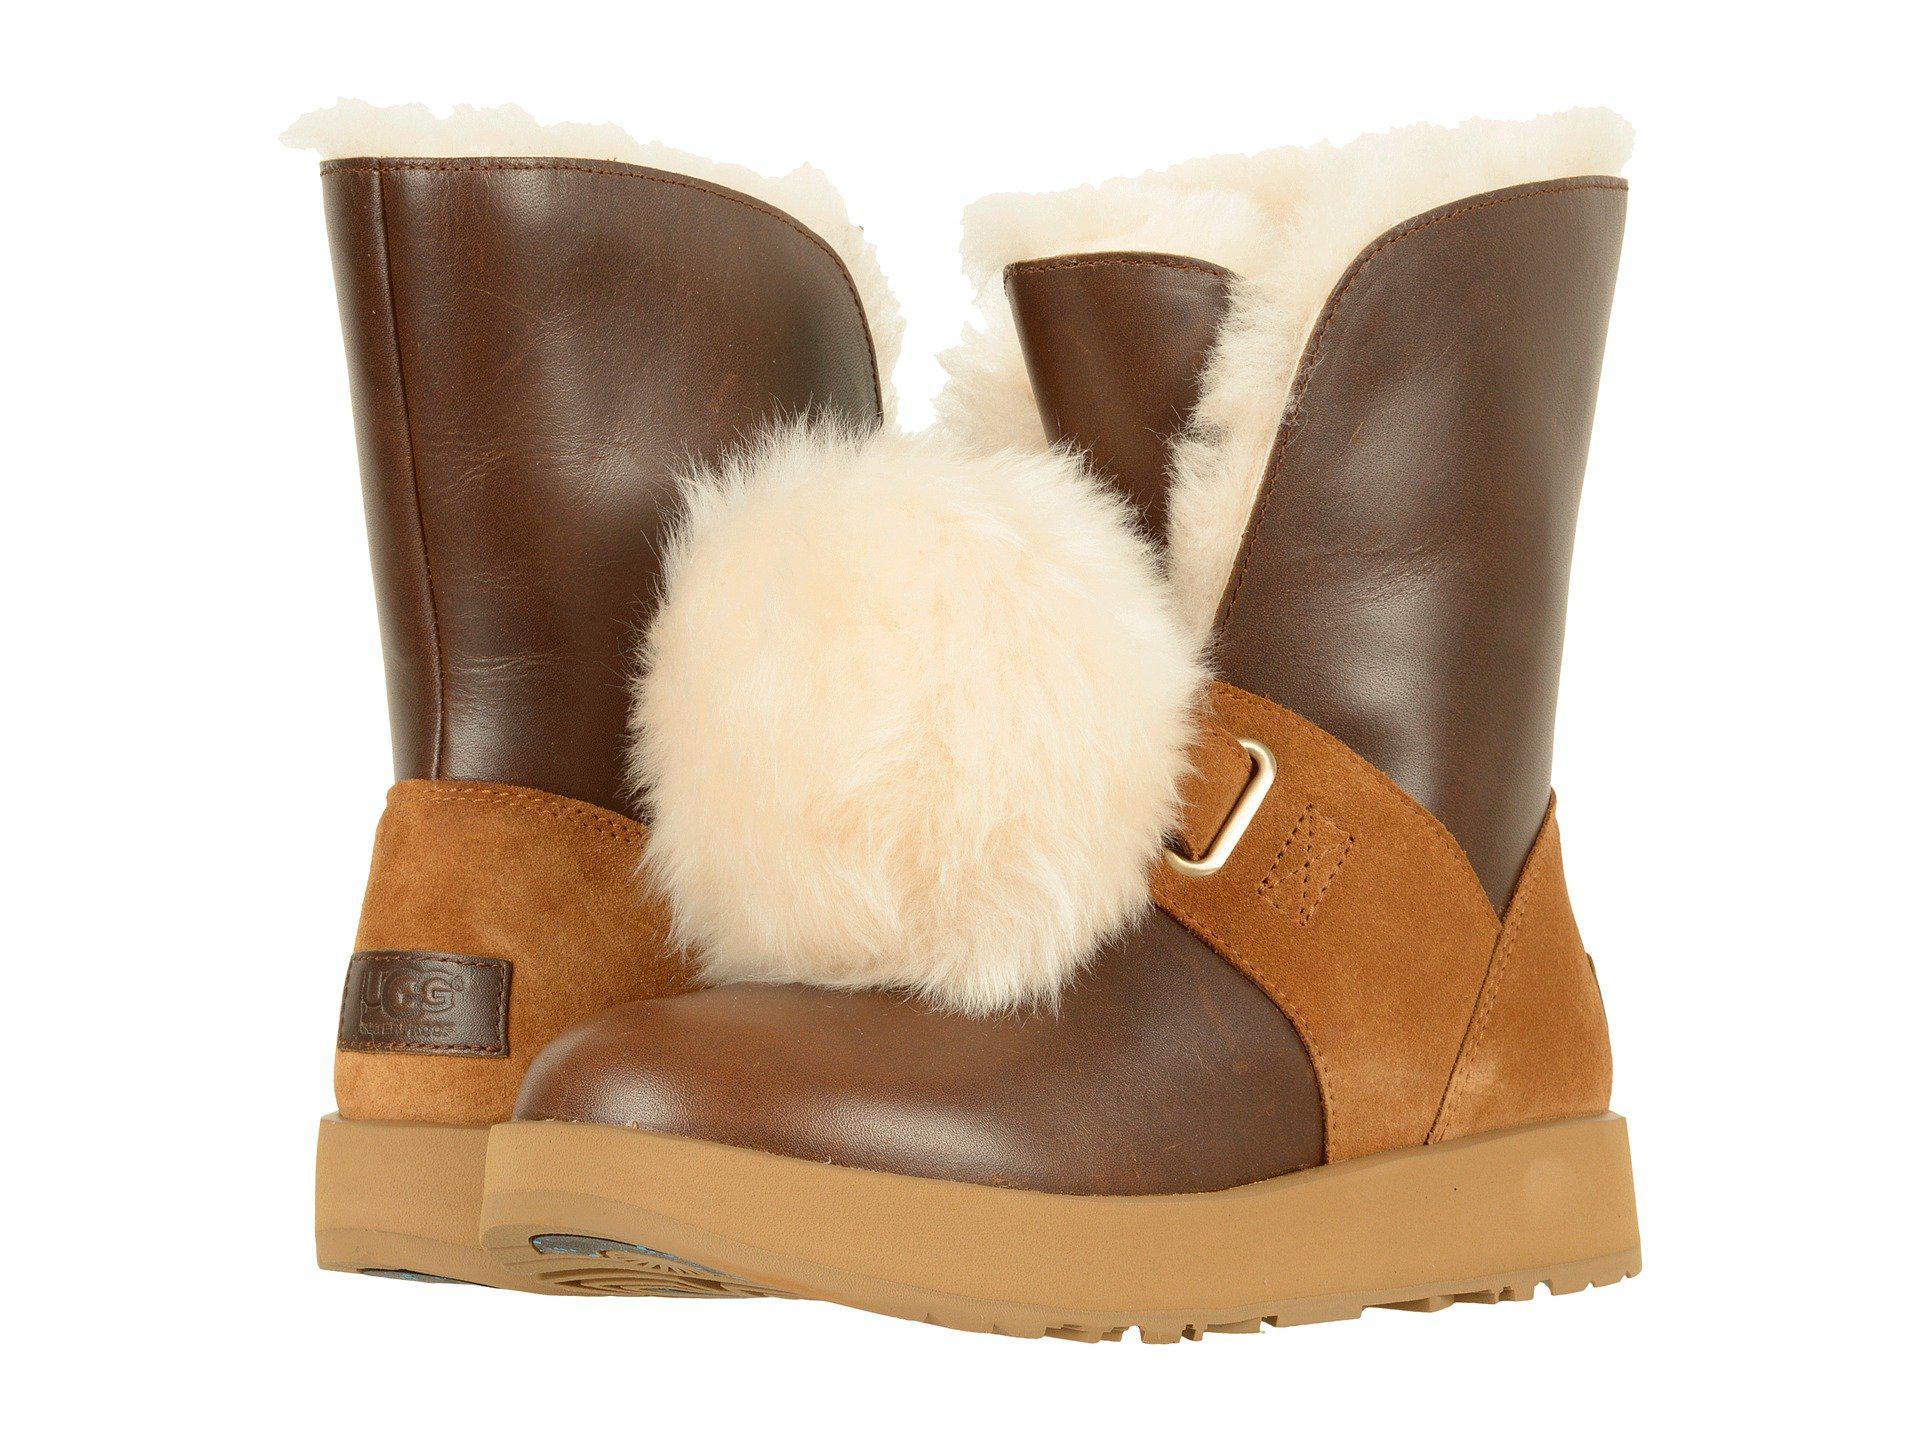 7837b15da5e Brown Isley Waterproof (chestnut) Women's Waterproof Boots